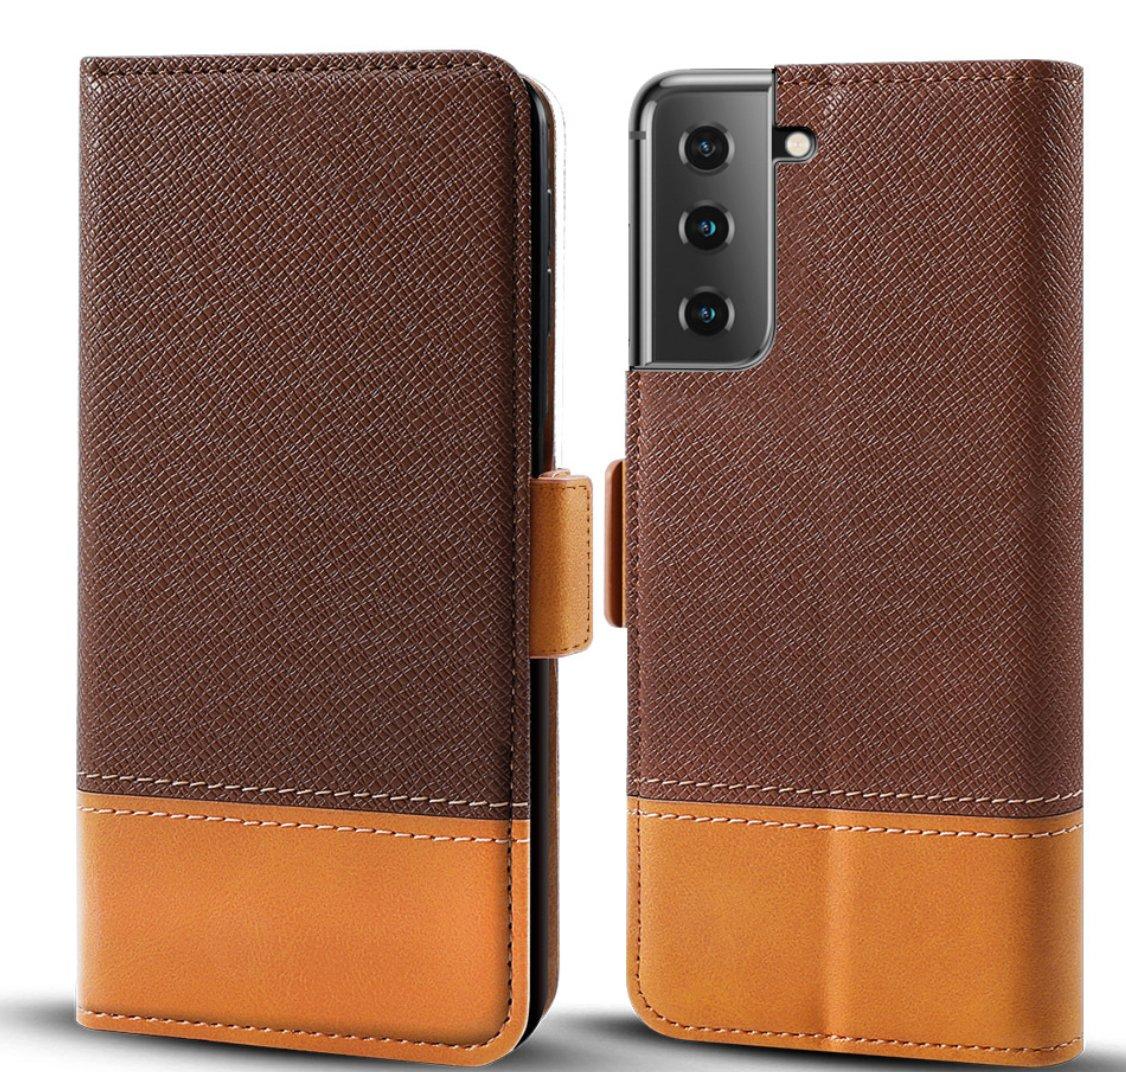 Galaxy S21 design capa  protetora